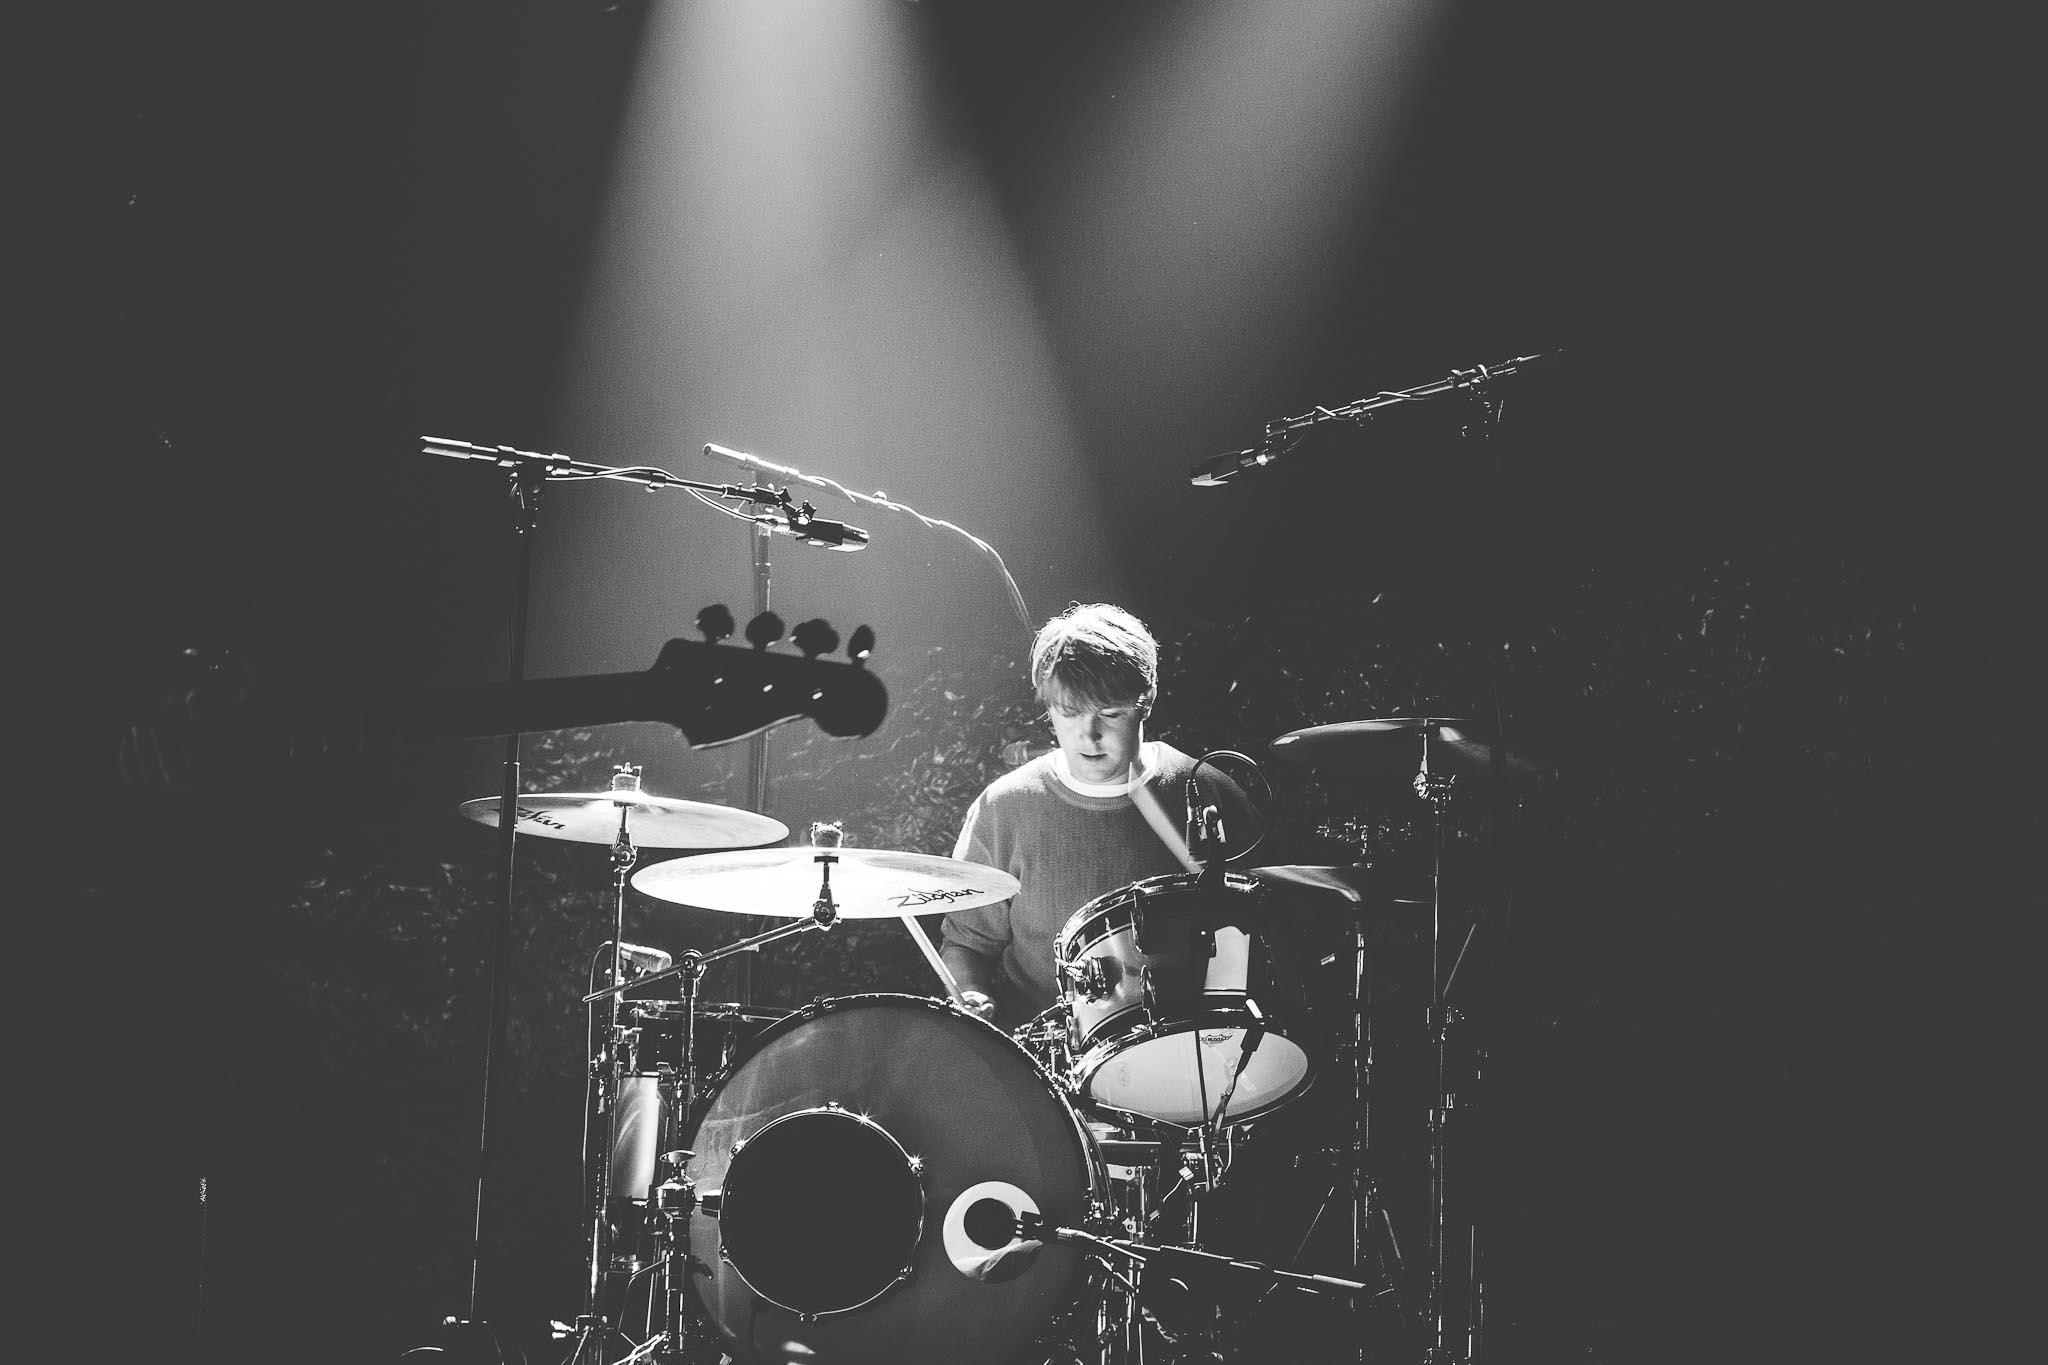 Mich drumpic